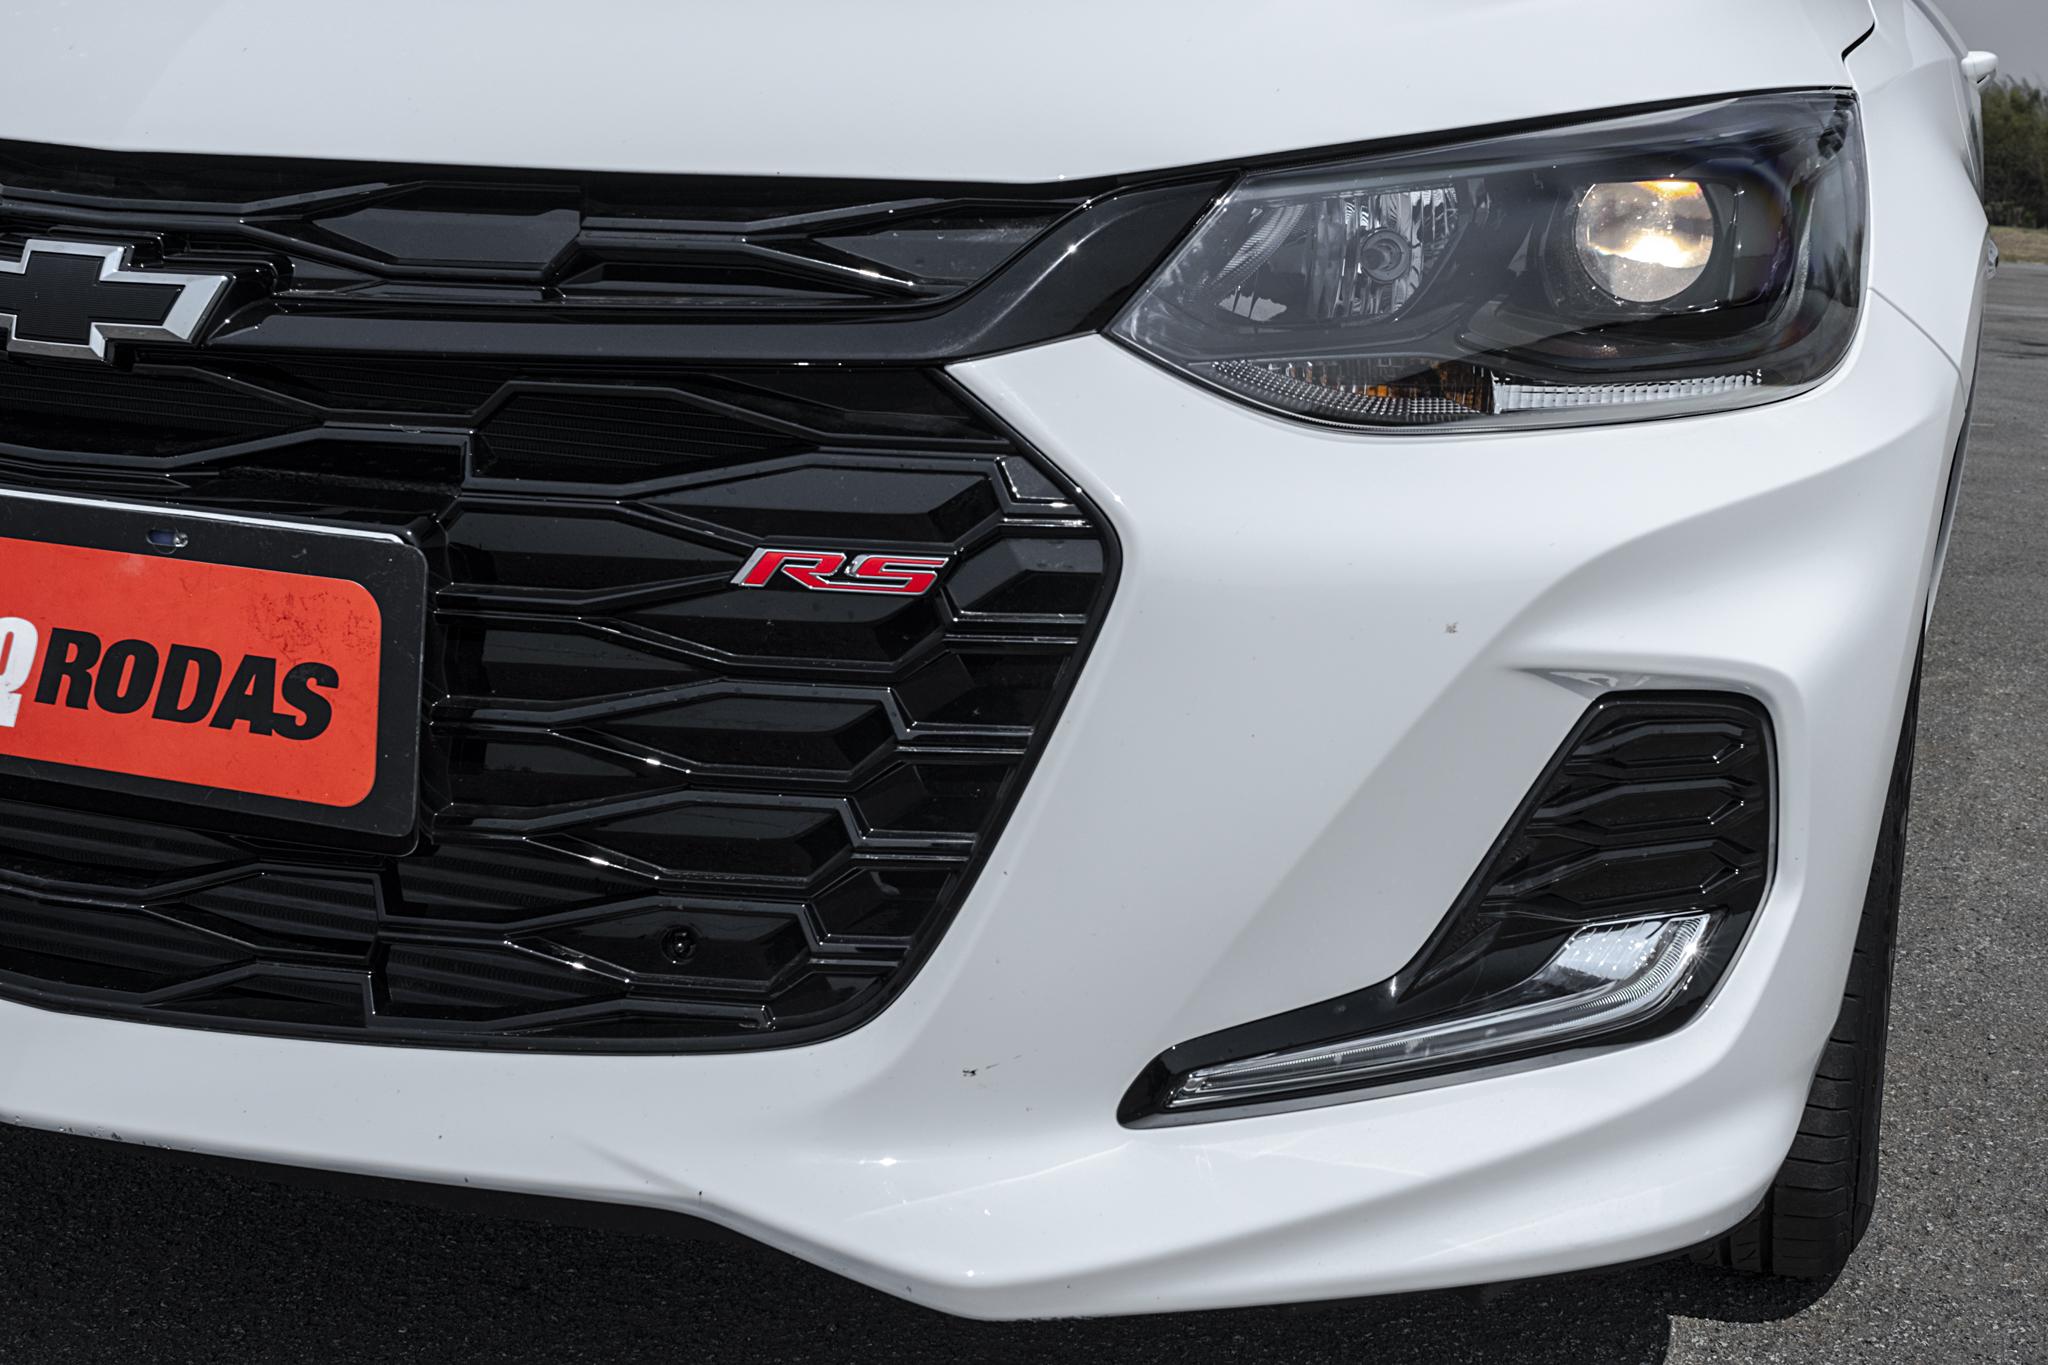 Grade dianteira tem emblema RS e tons de preto se destacam ao redor da carroceria do Onix RS